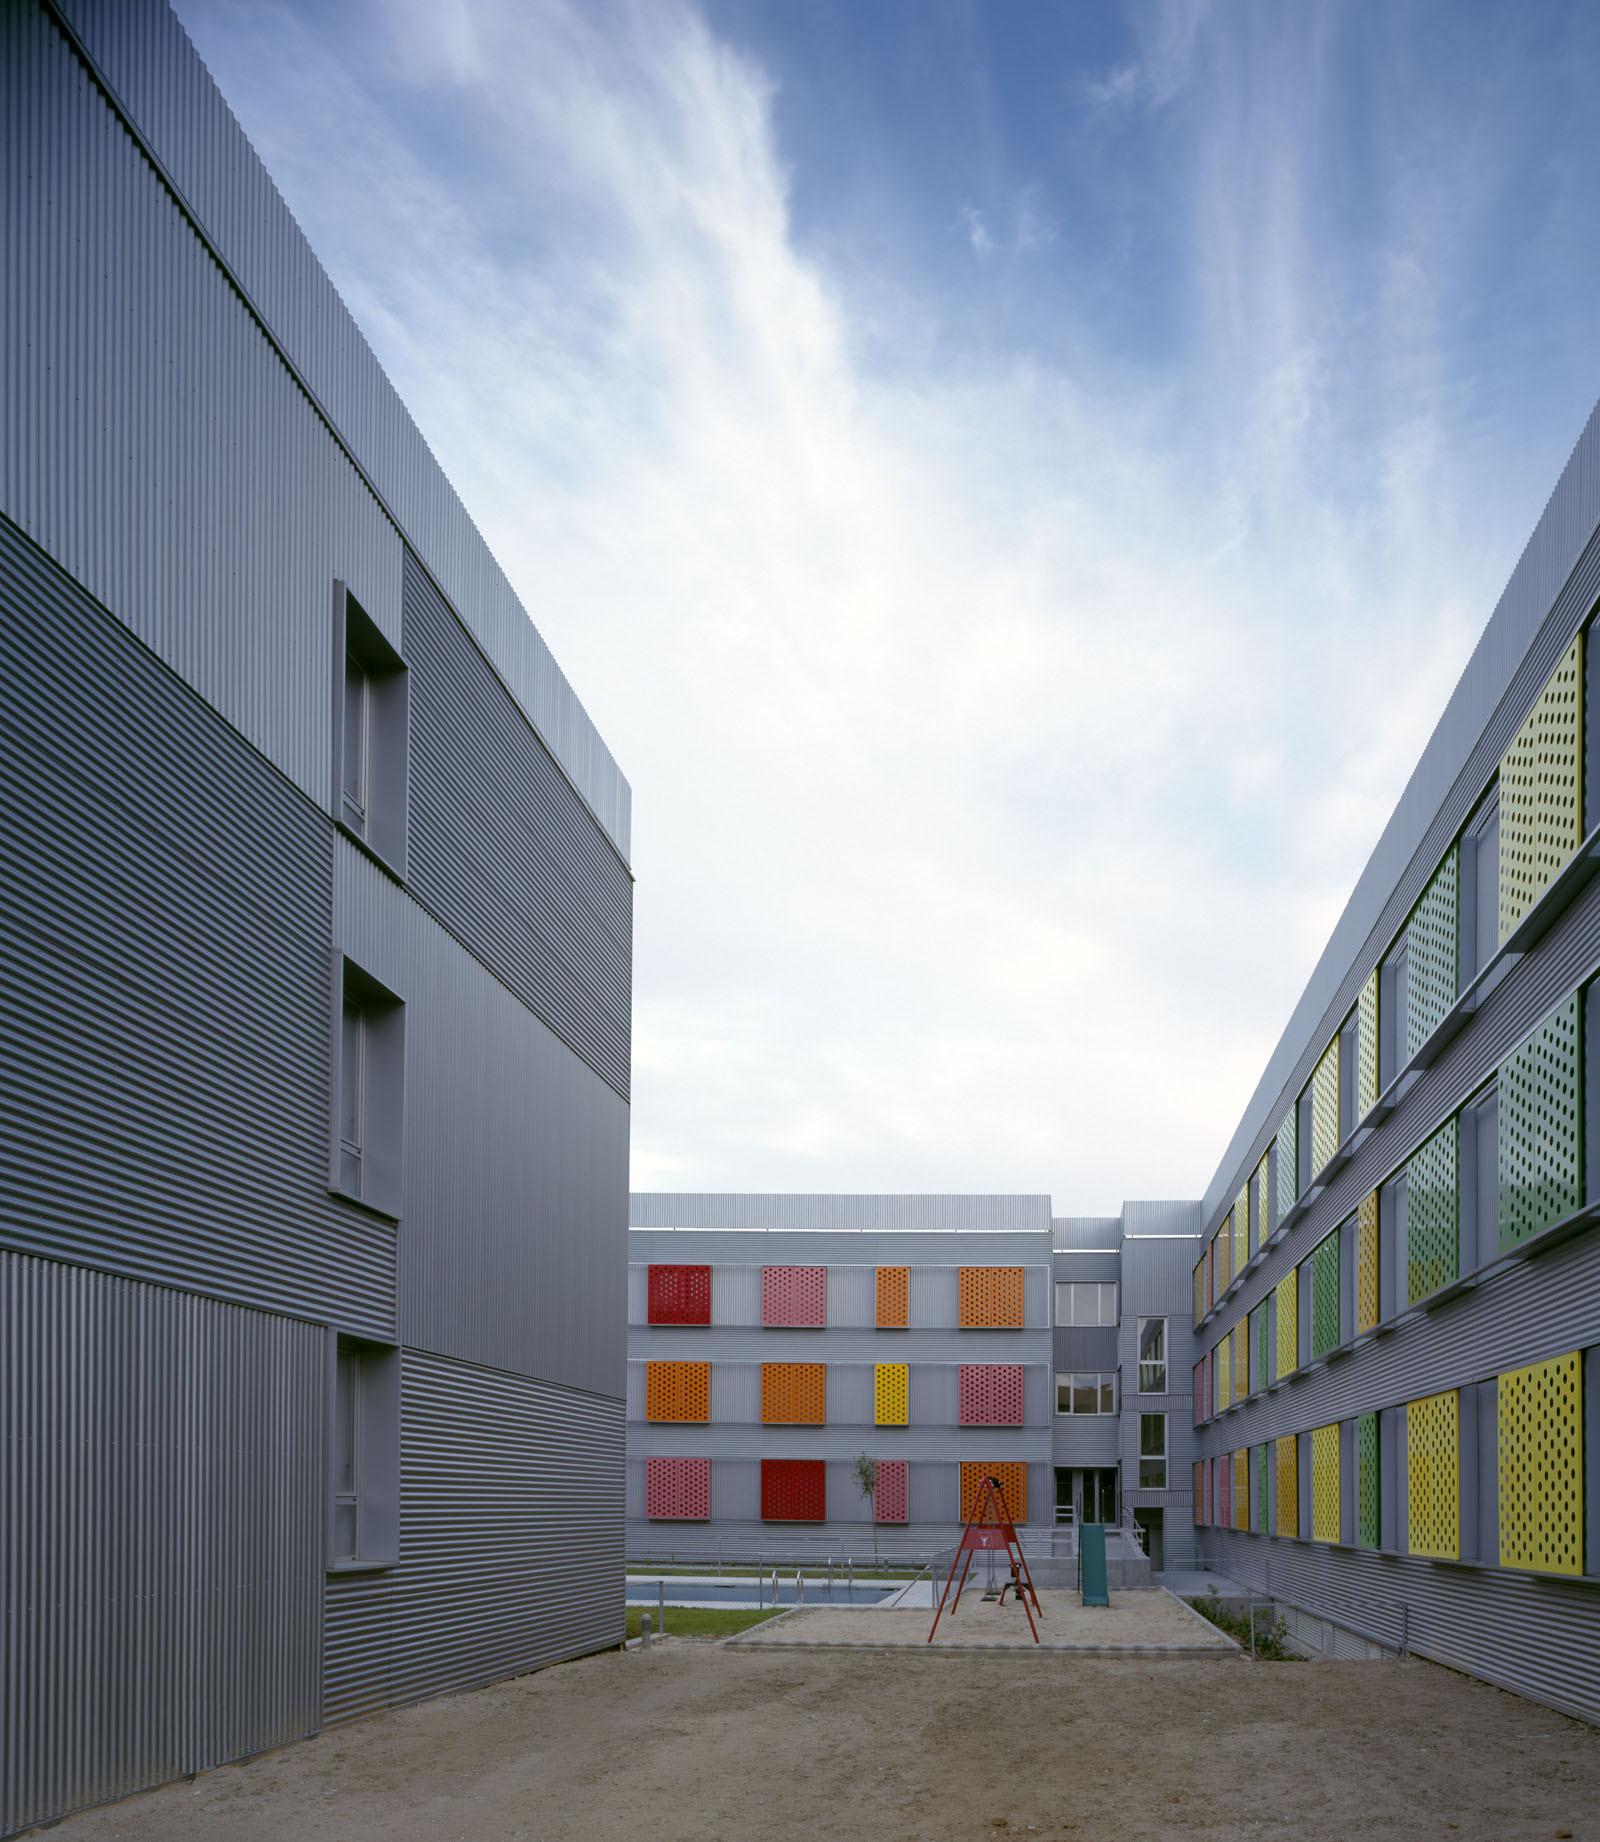 255 Dwellings in Villanueva de la Cañada / Aranguren & Gallegos Arquitectos